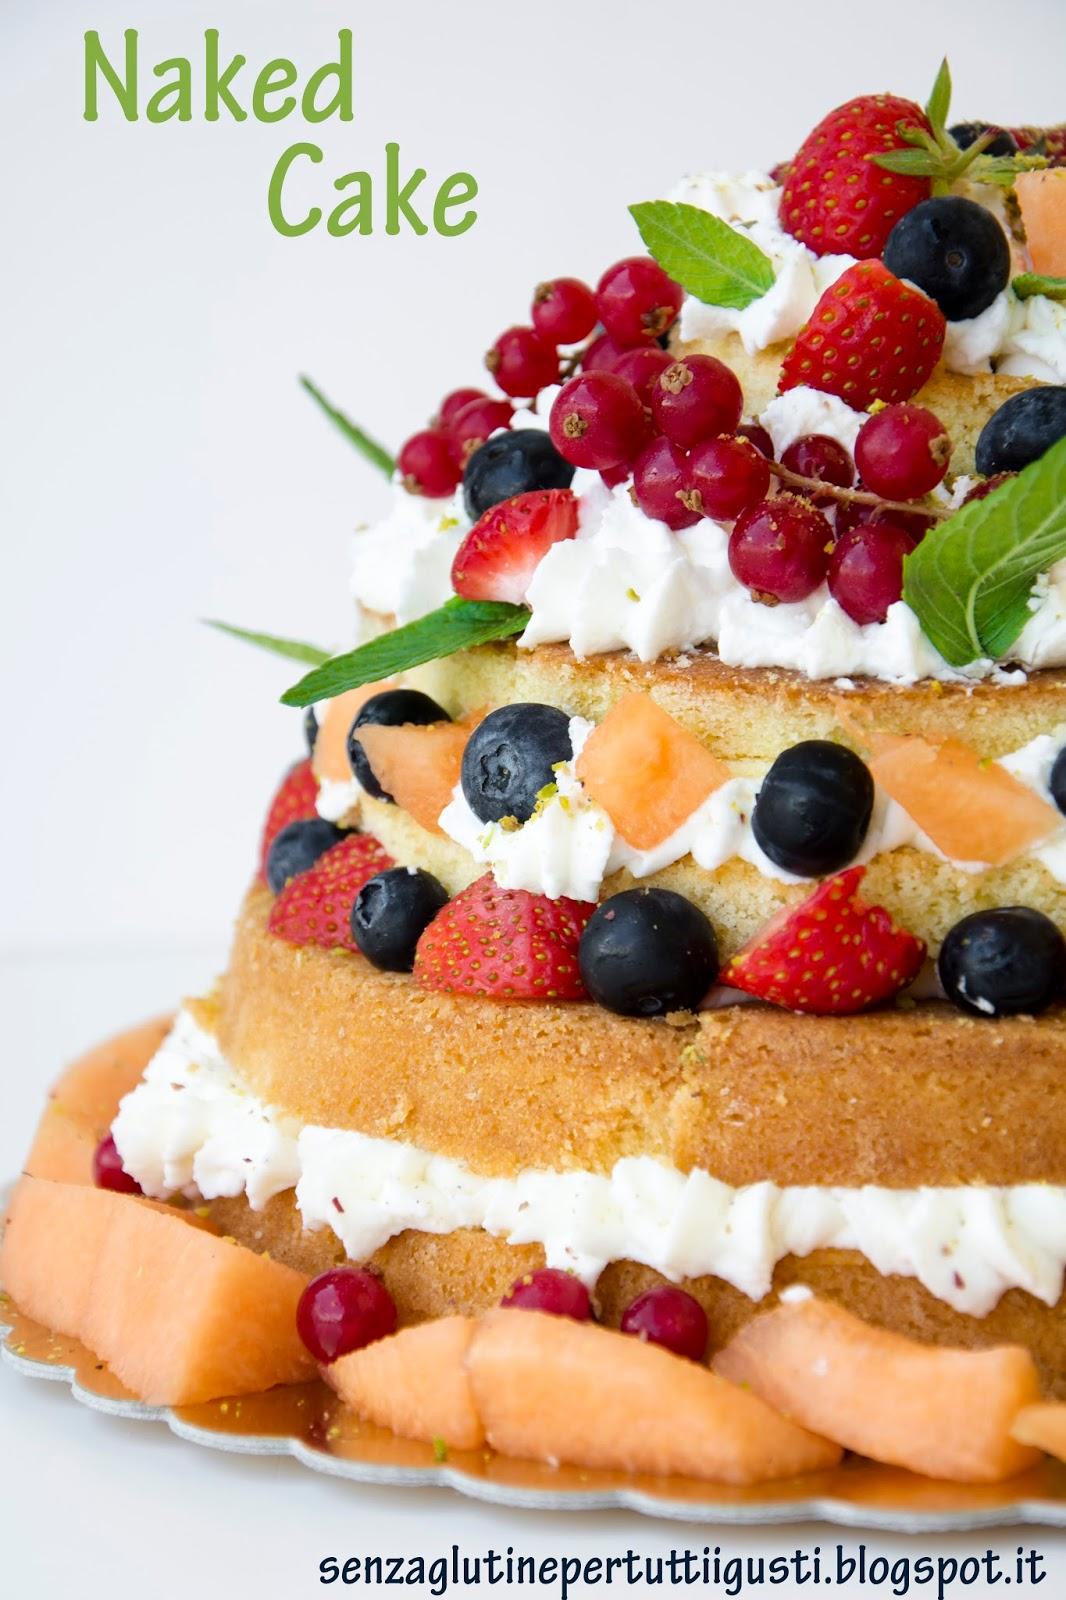 Naked Cake alla frutta estiva senza glutine fatta in casa